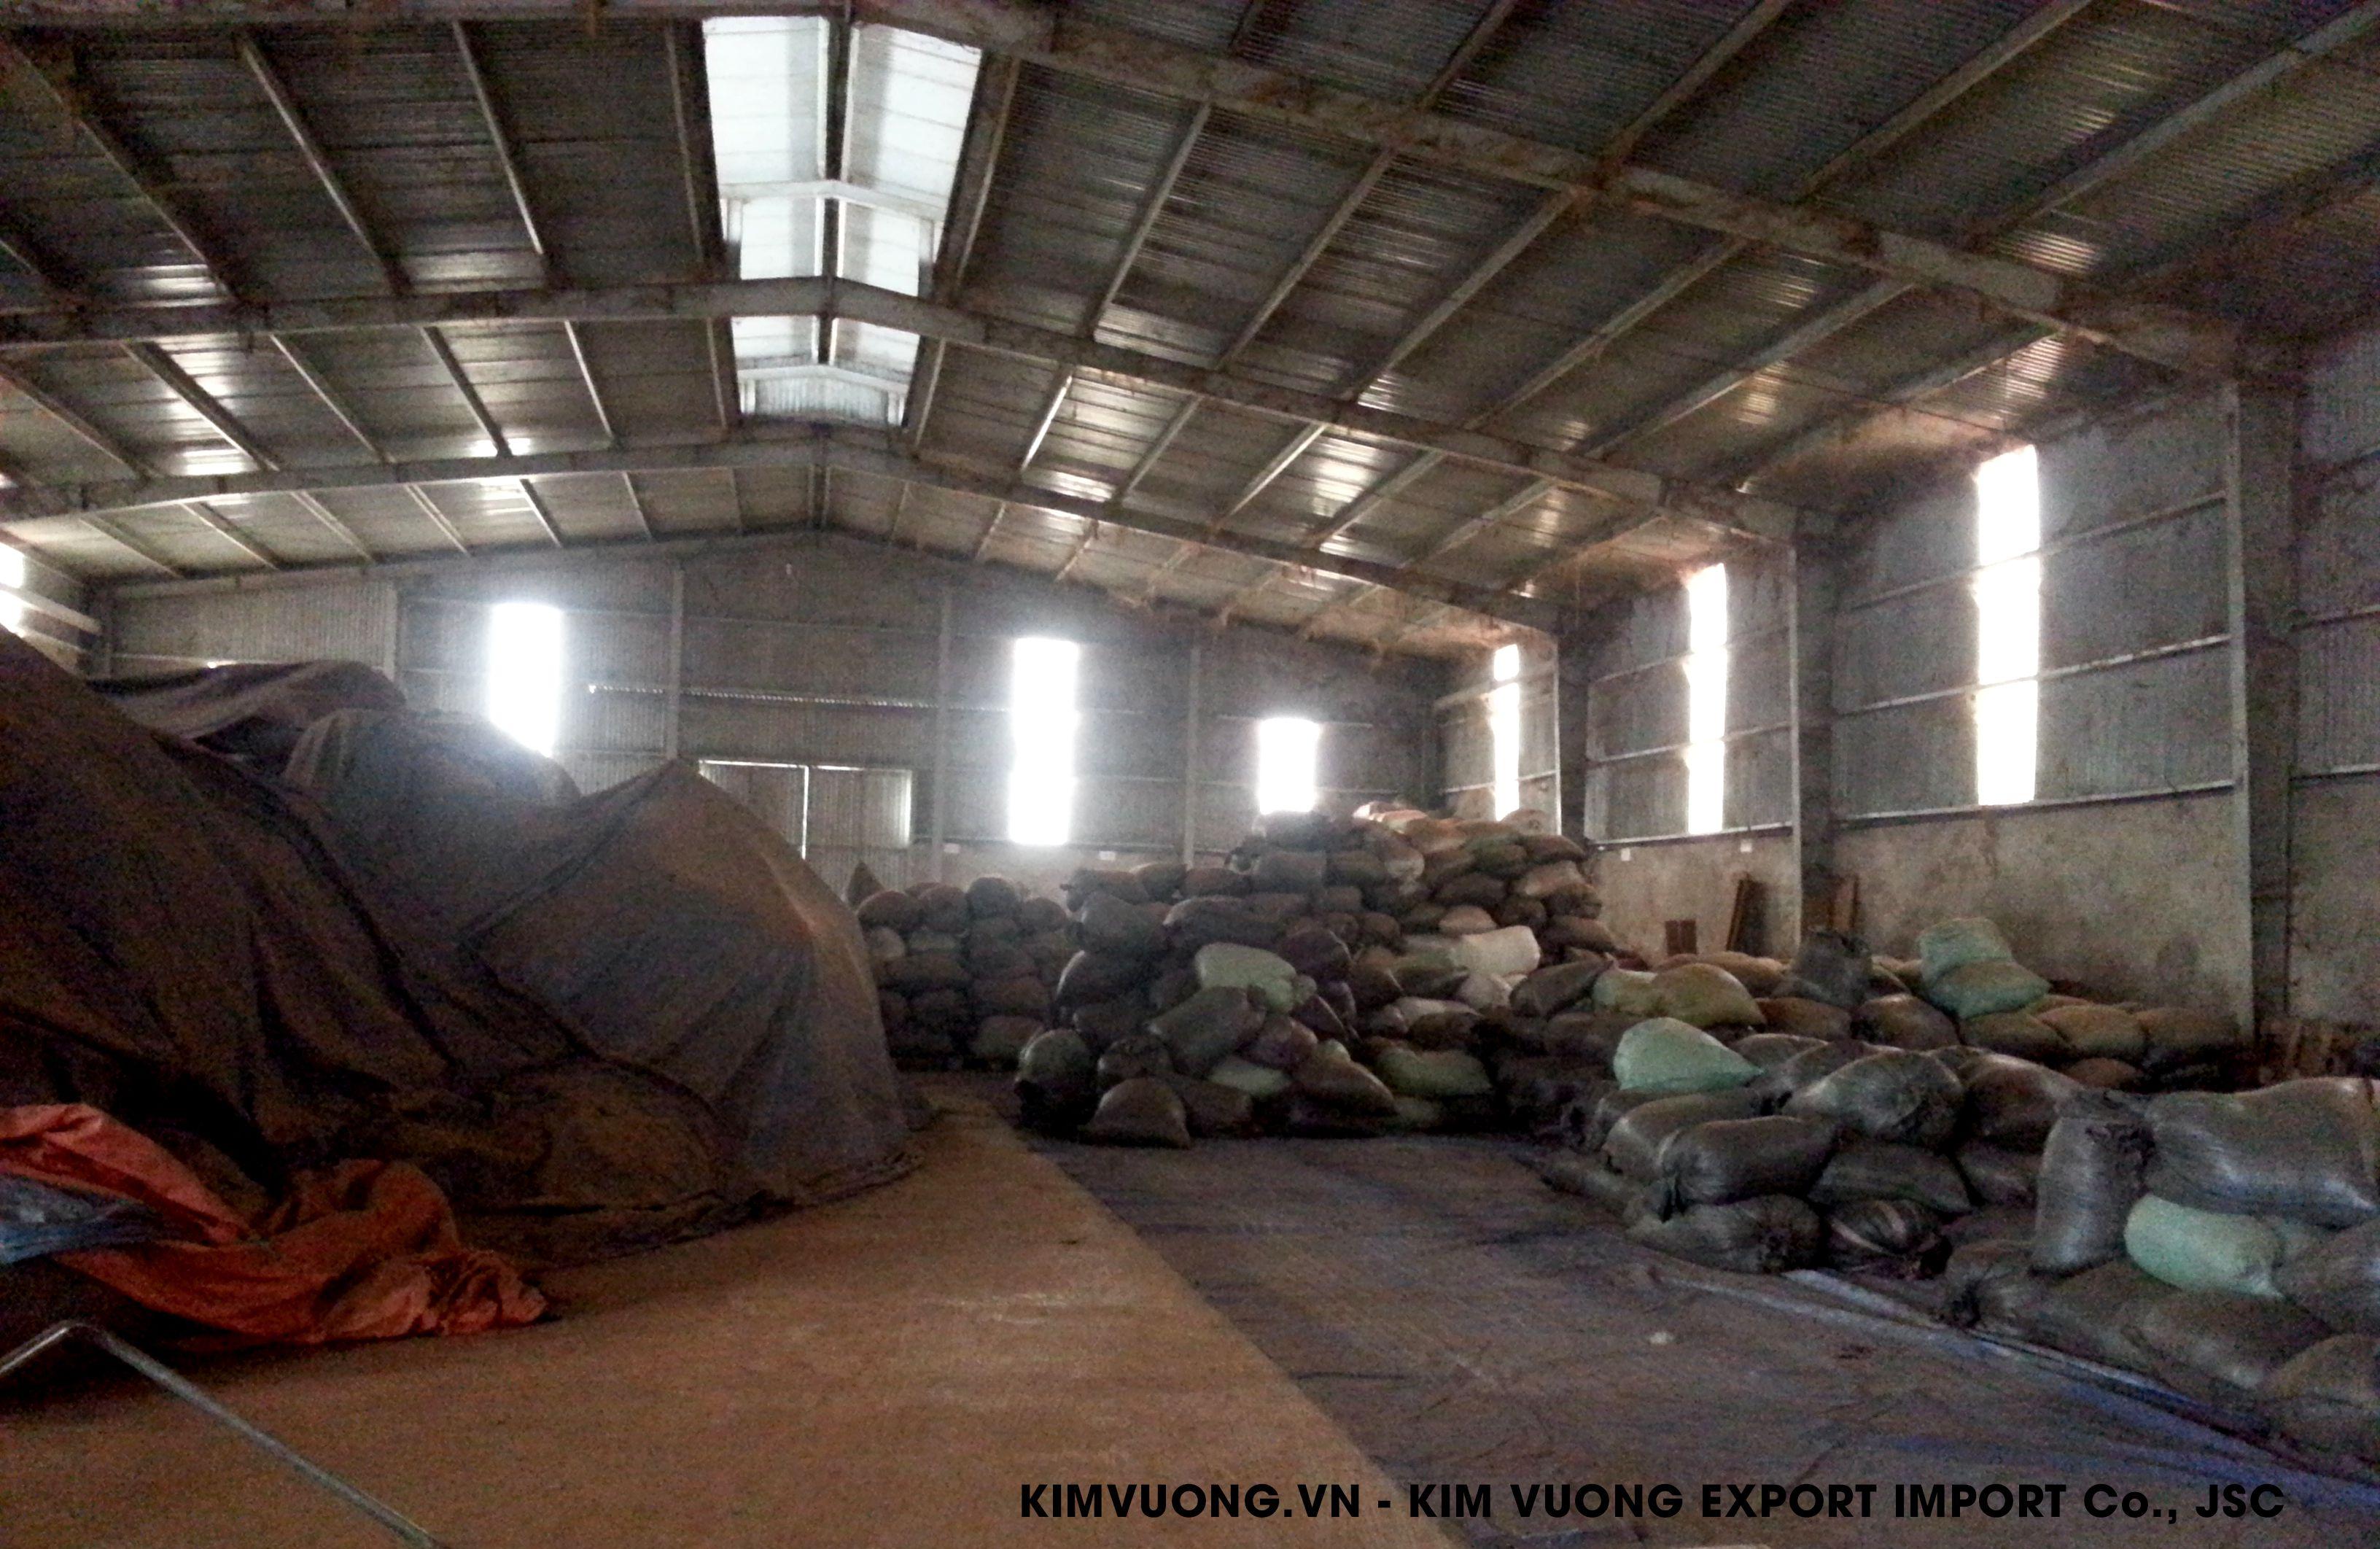 Tea export factory - KIM VUONG EXPORT IMPORT Co.,JSC